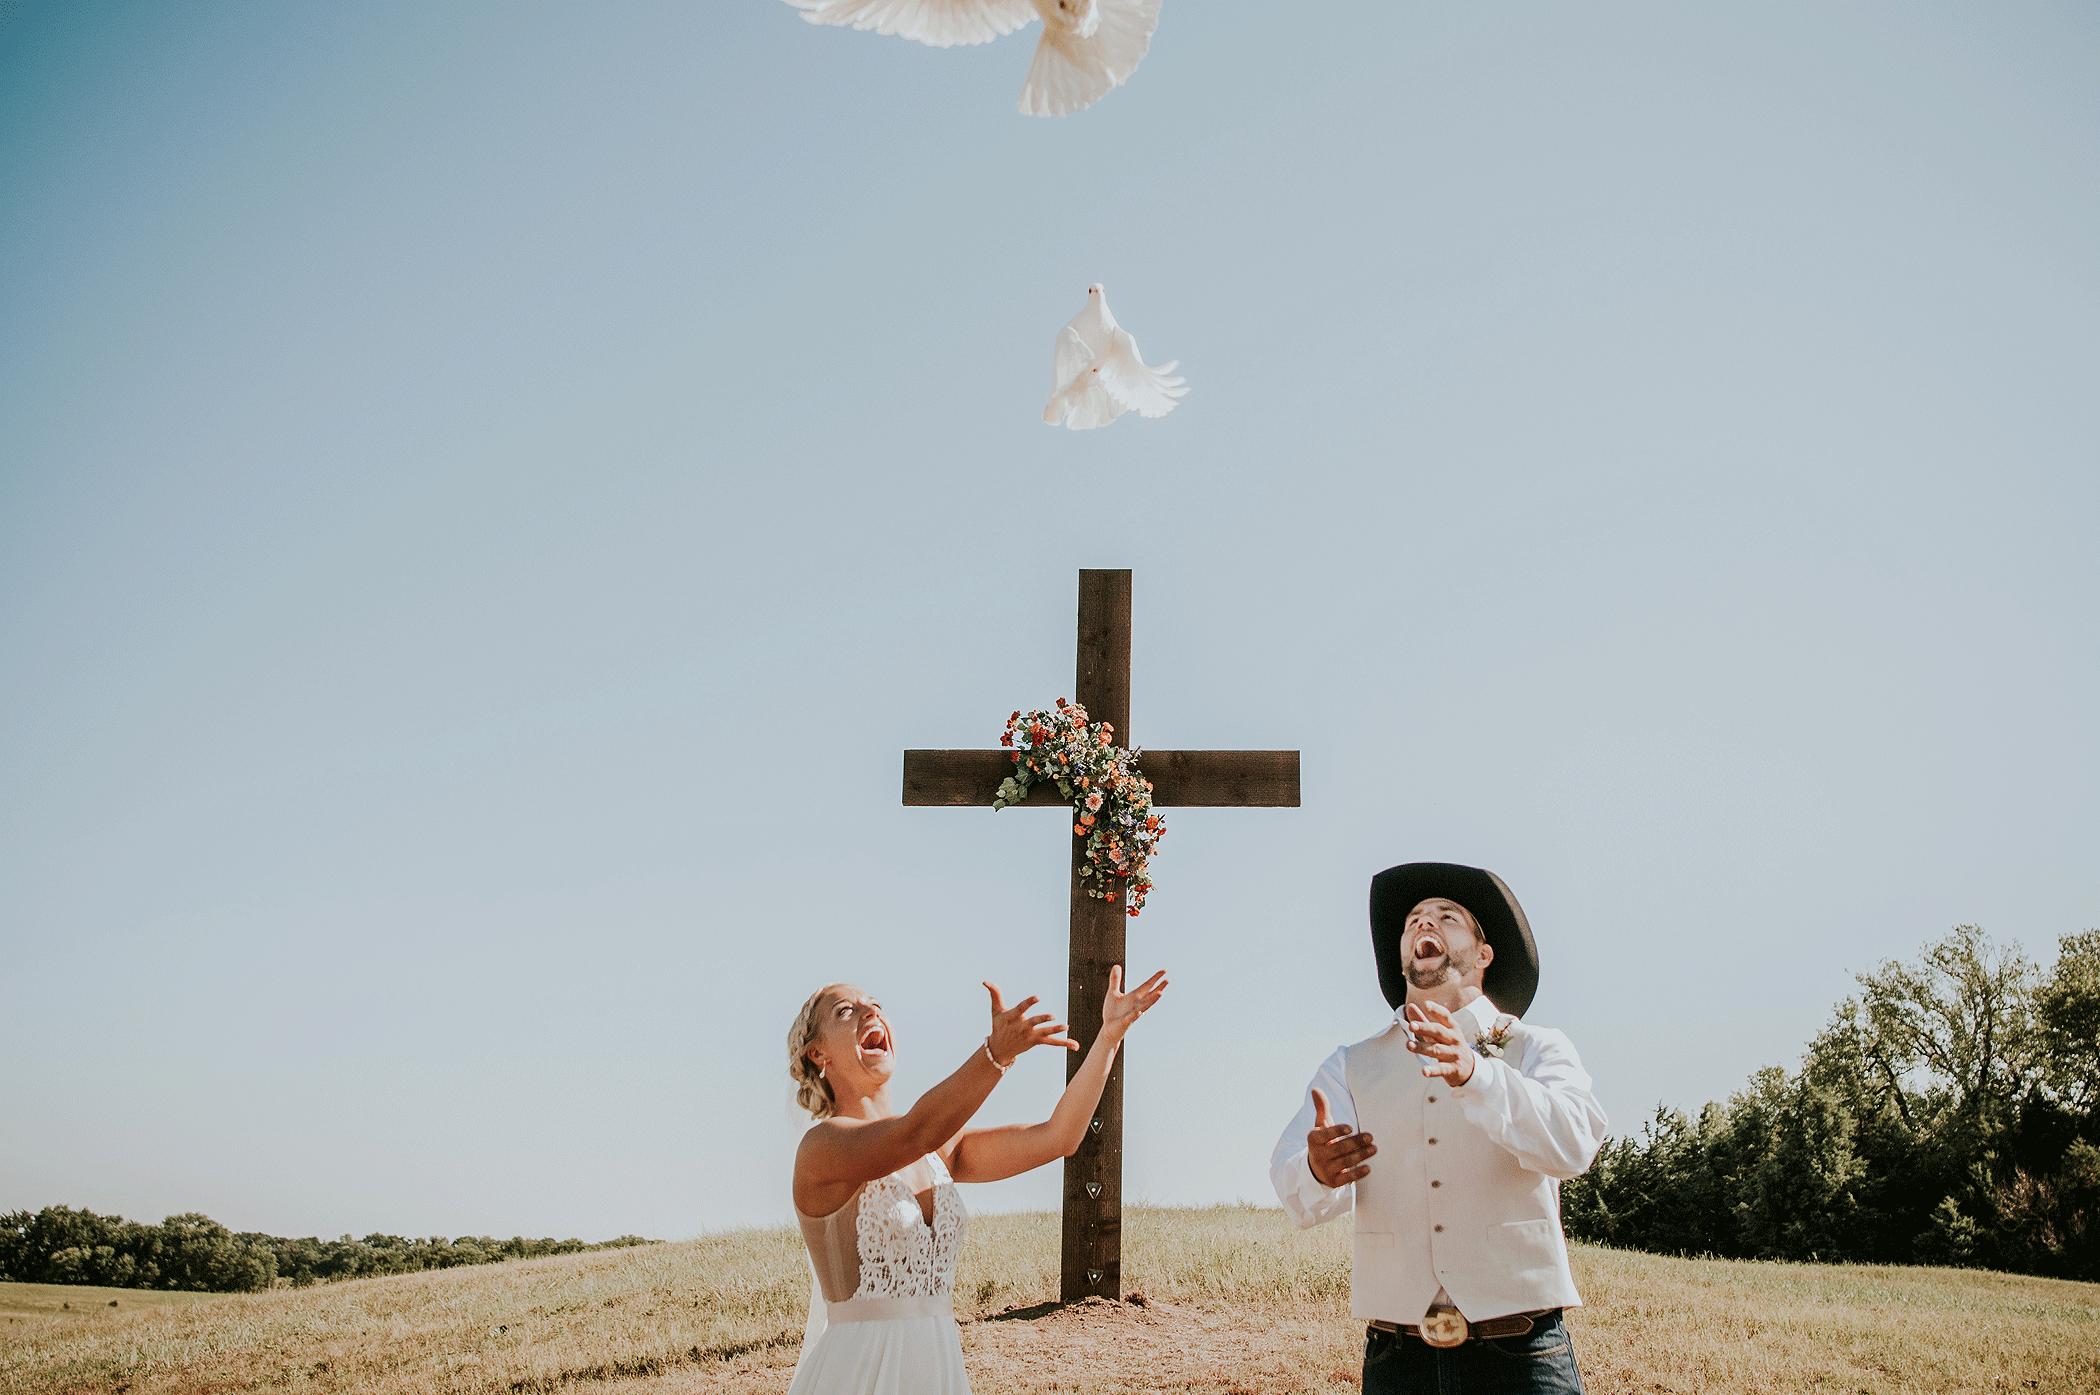 Morten-Wedding-0684.png